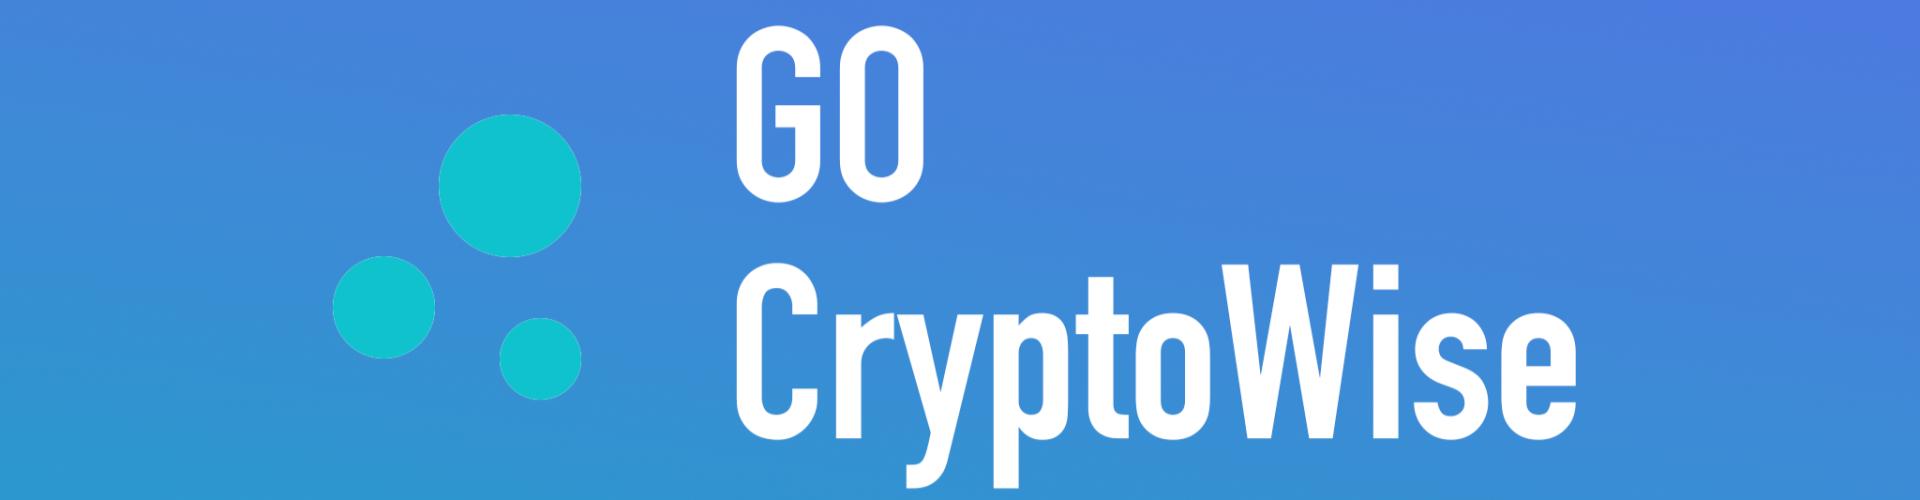 gocryptowise